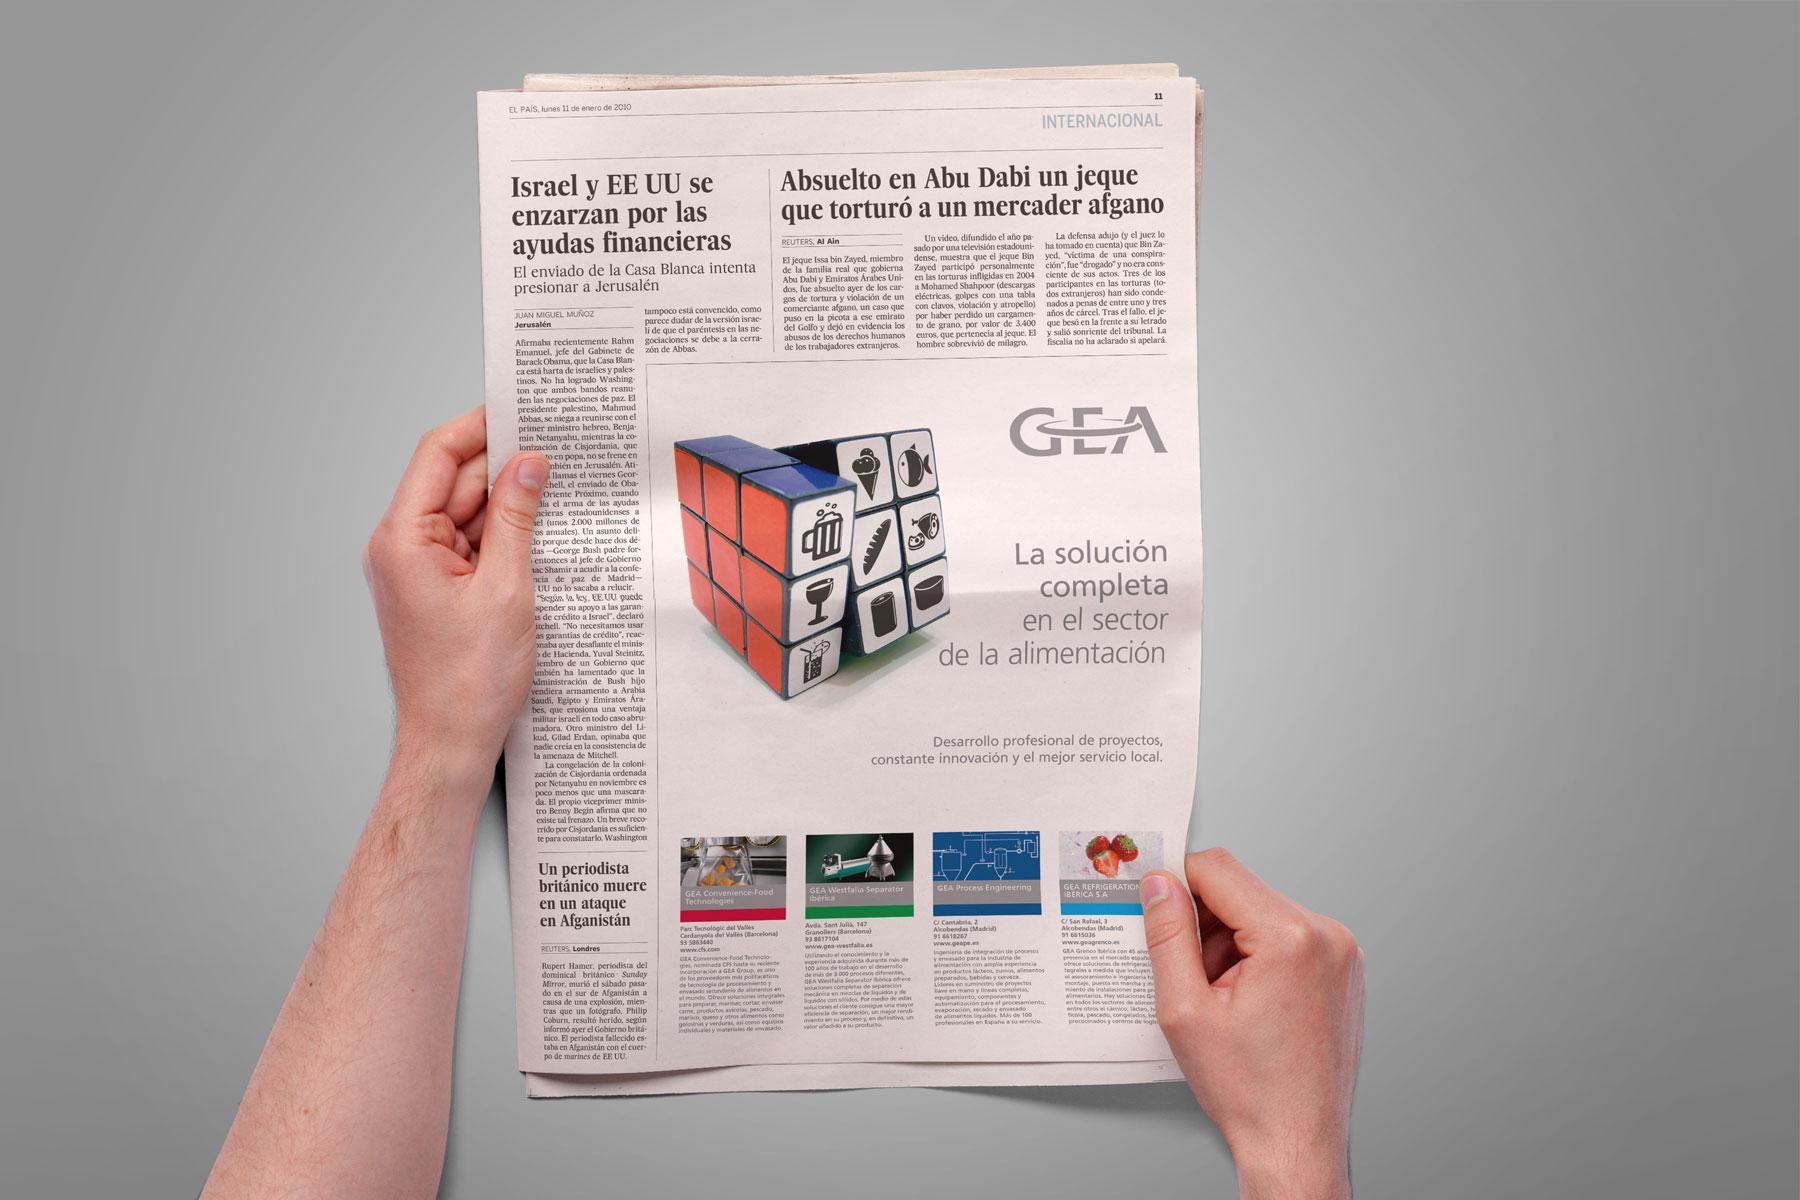 gea-anuncio-02